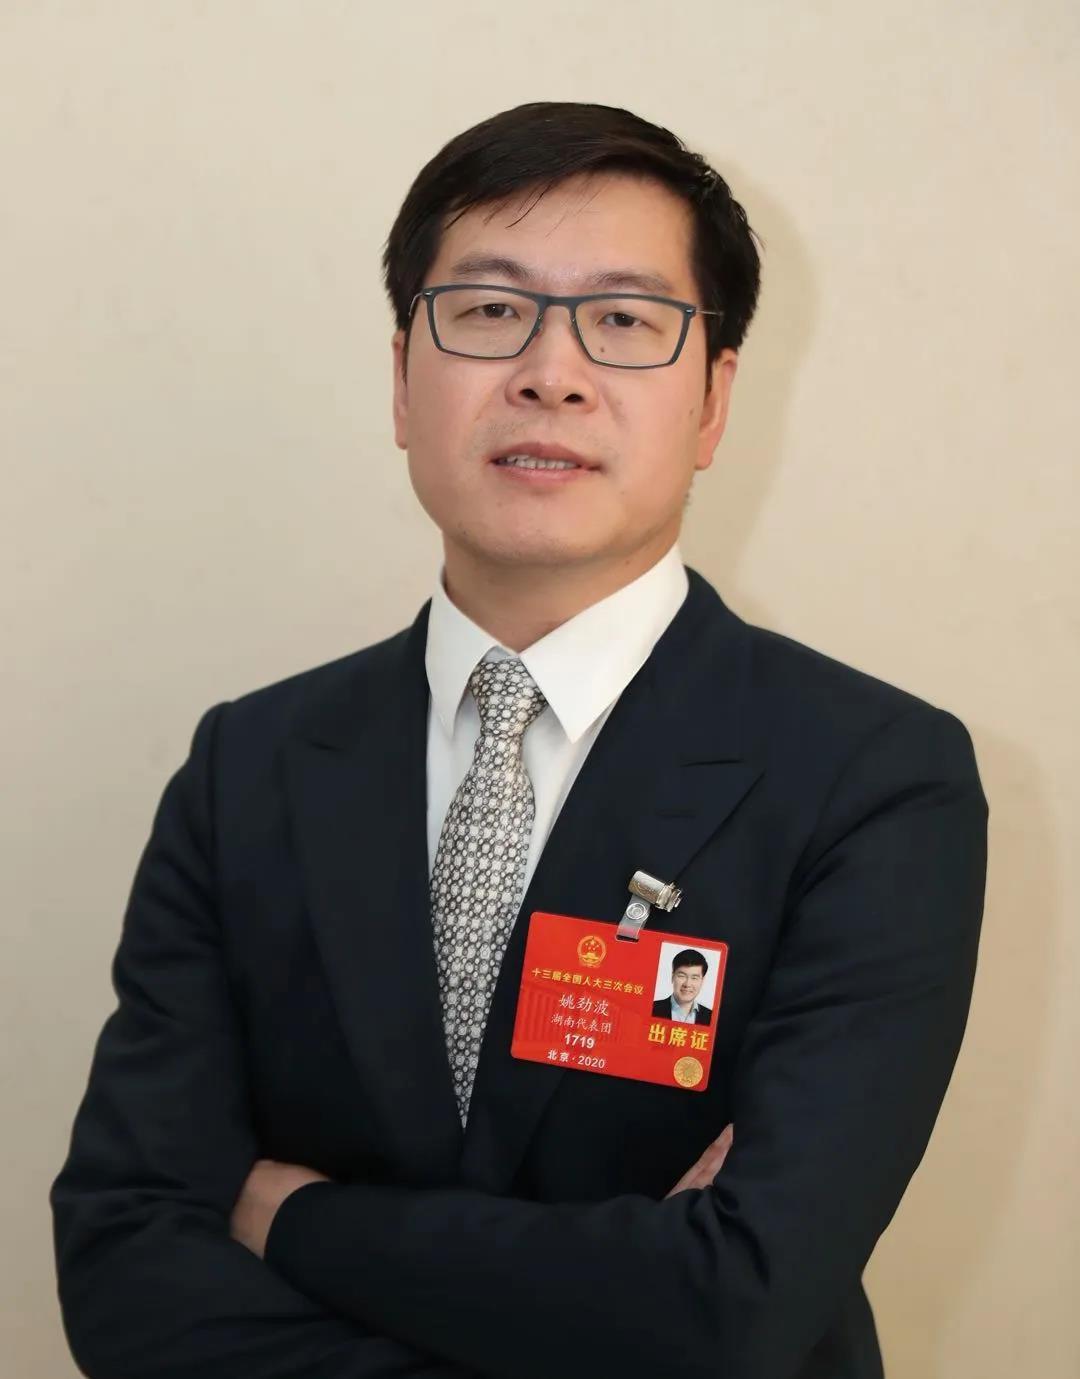 姚勁波向兩會提三份建議:扶持中小企業發展、職業技能培訓及縣域經濟發展-中國網地産